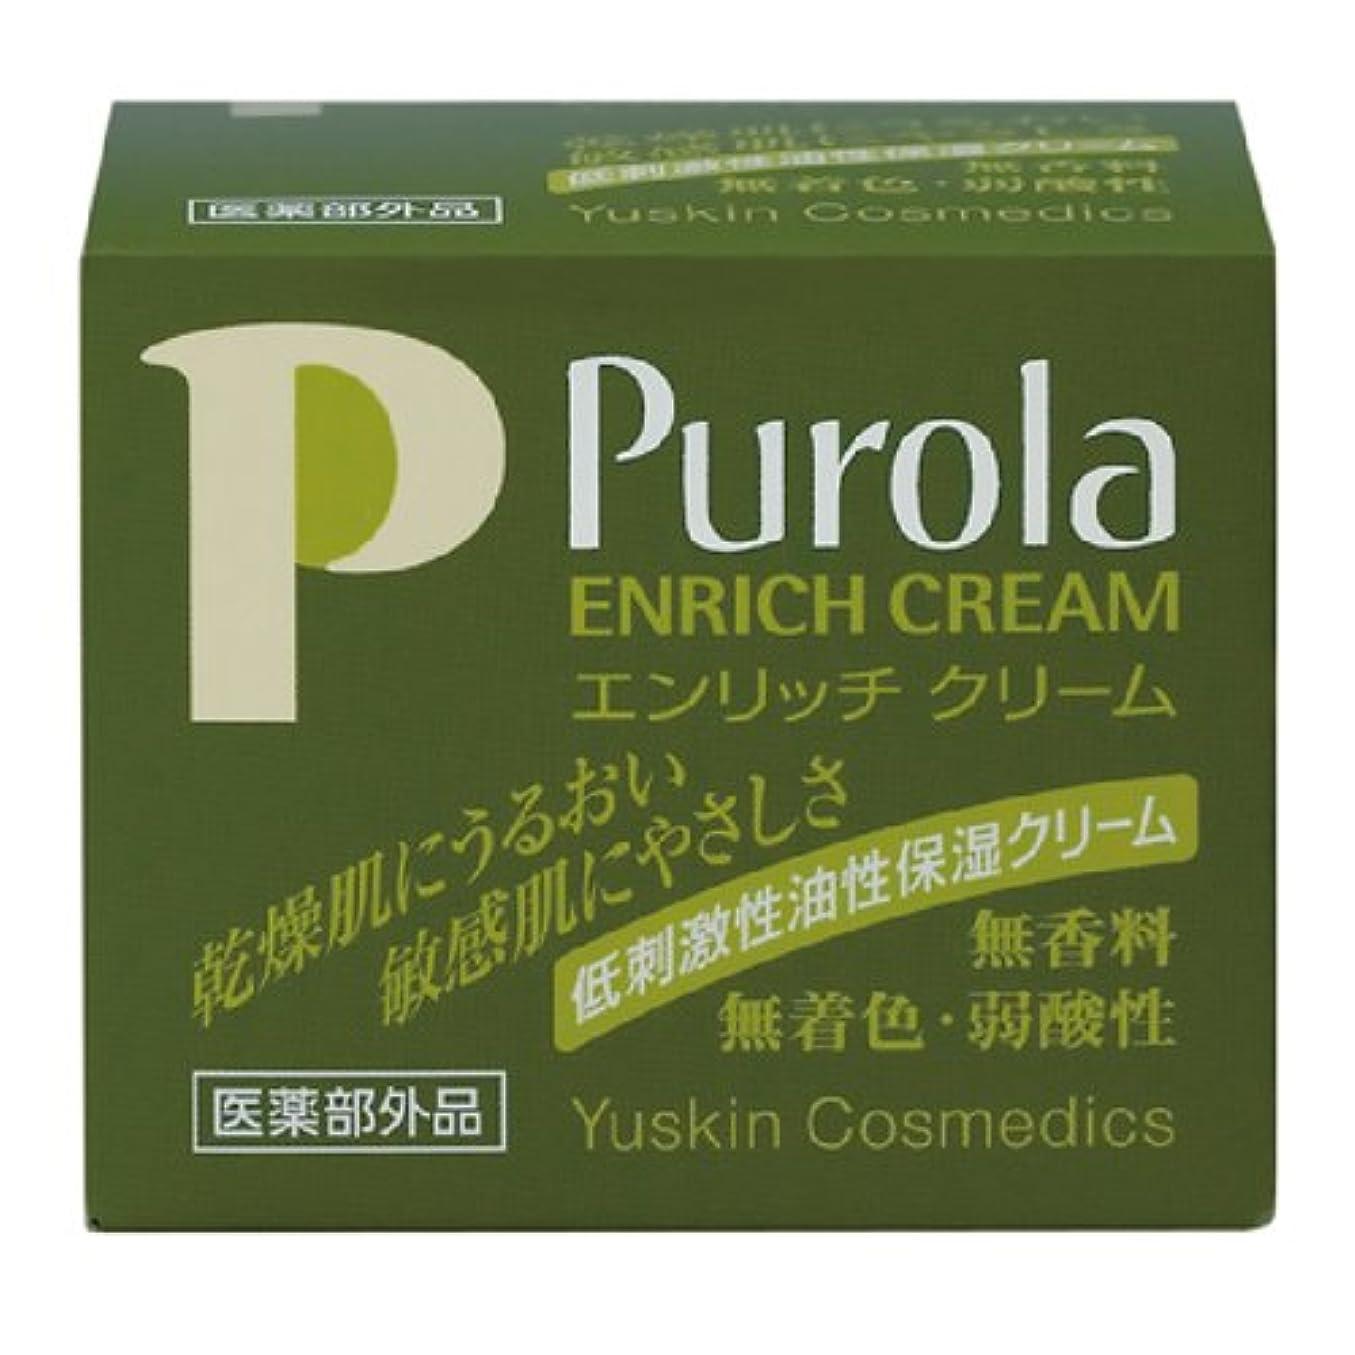 聴覚努力寛大なプローラ 薬用エンリッチクリームa 67g